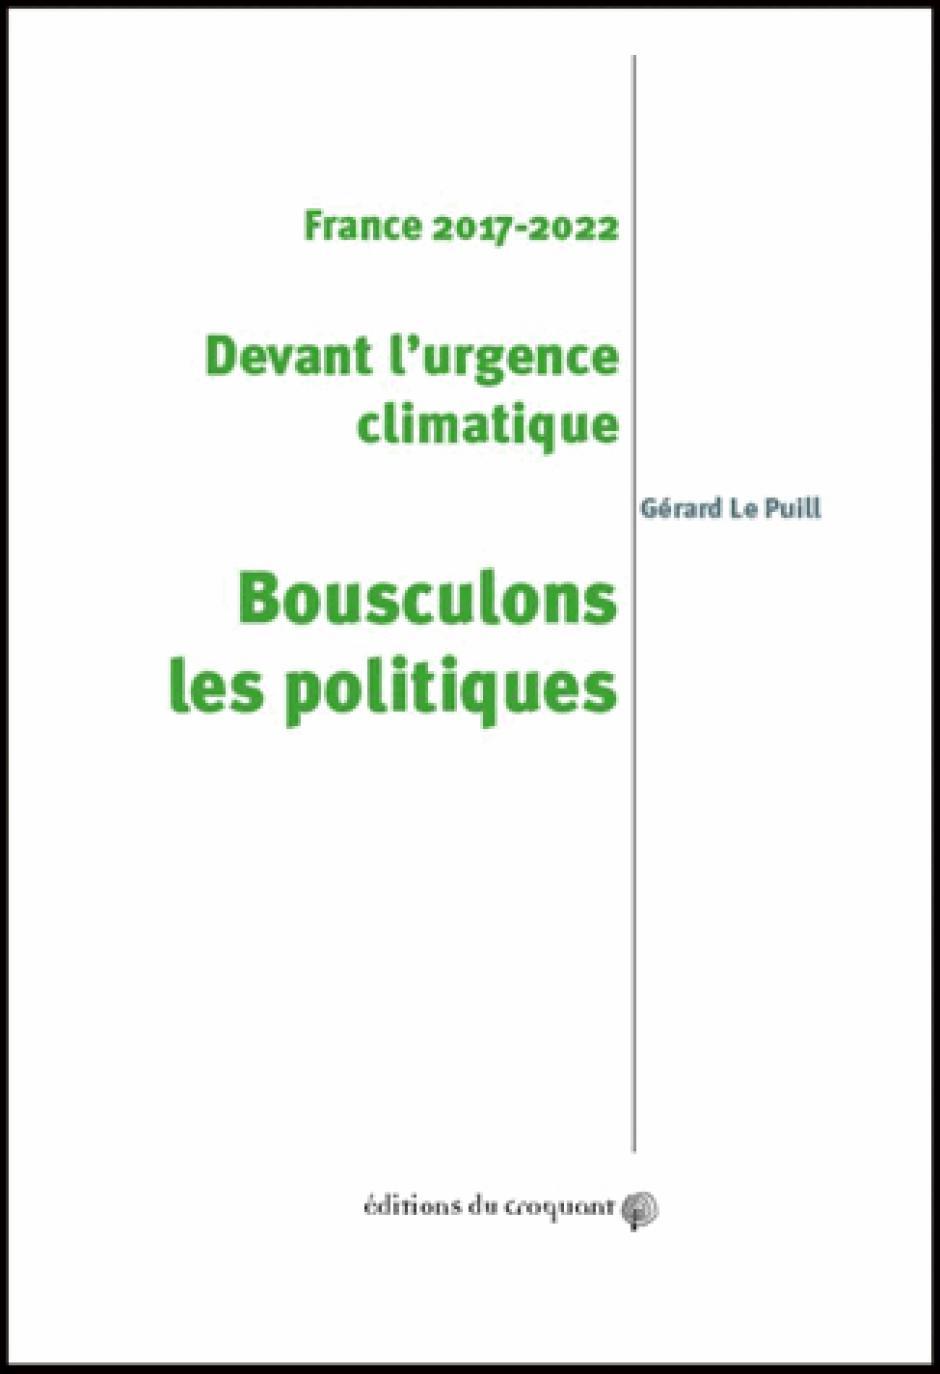 Gérard Le Puill : « Les programmes électoraux au tamis du réchauffement climatique » - 30 mars 2017